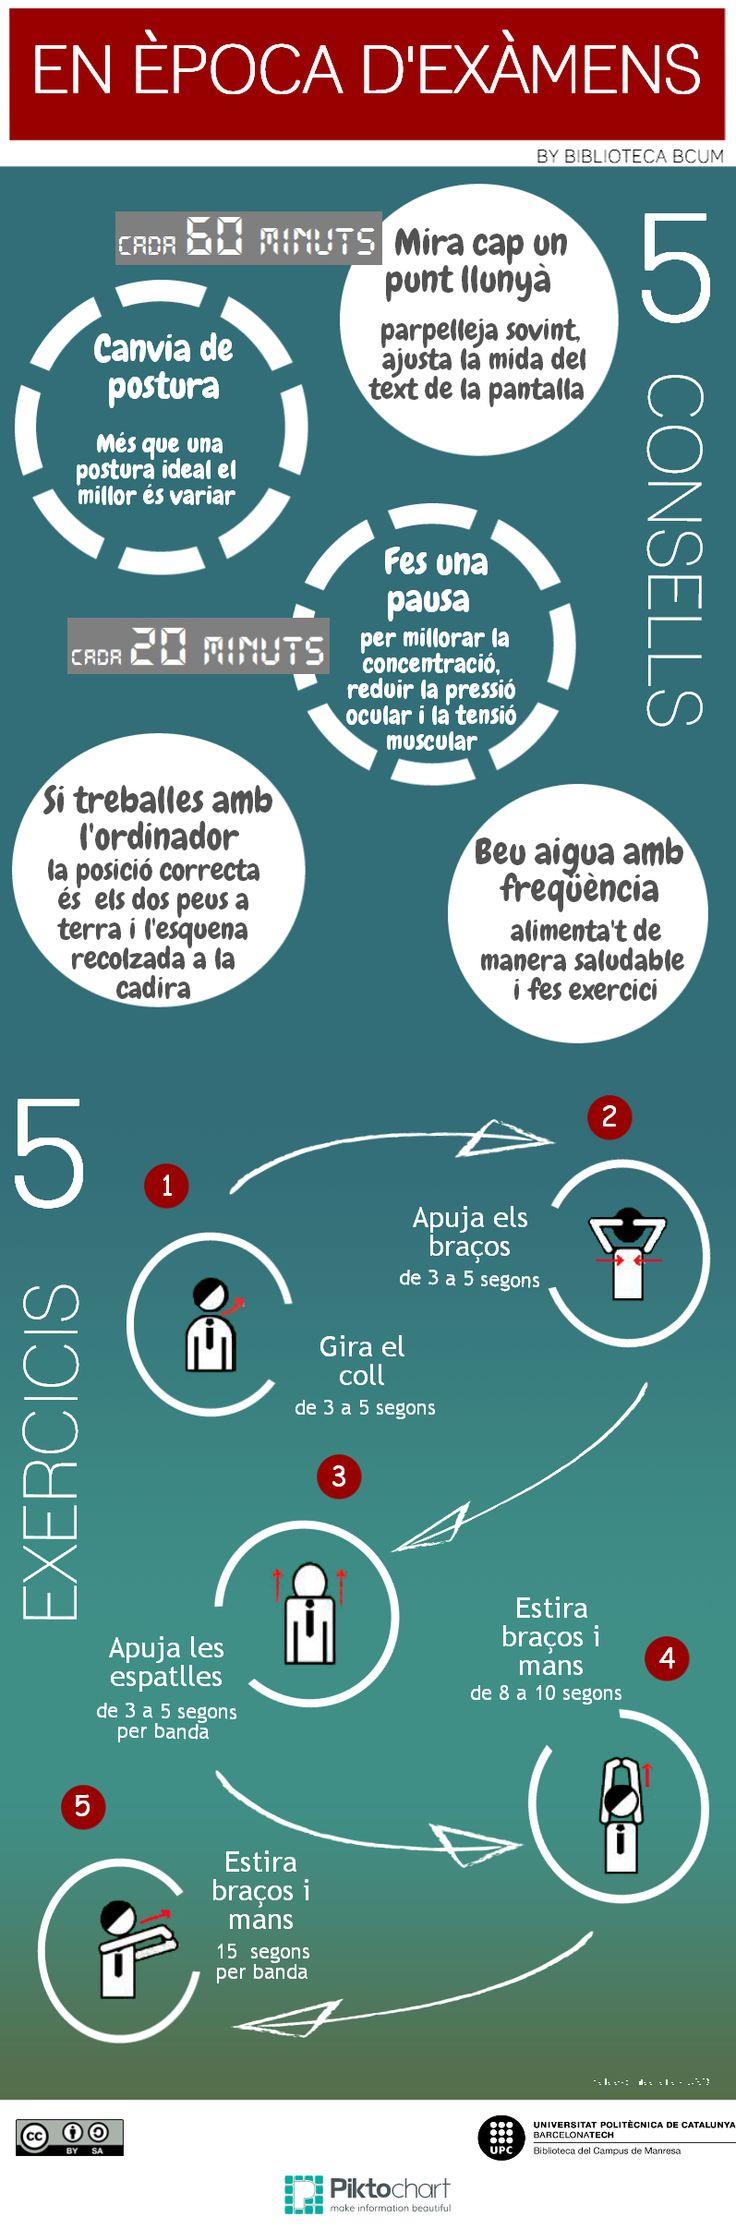 5 Consells i 5 exercicis per aguantar millor els exàmens...